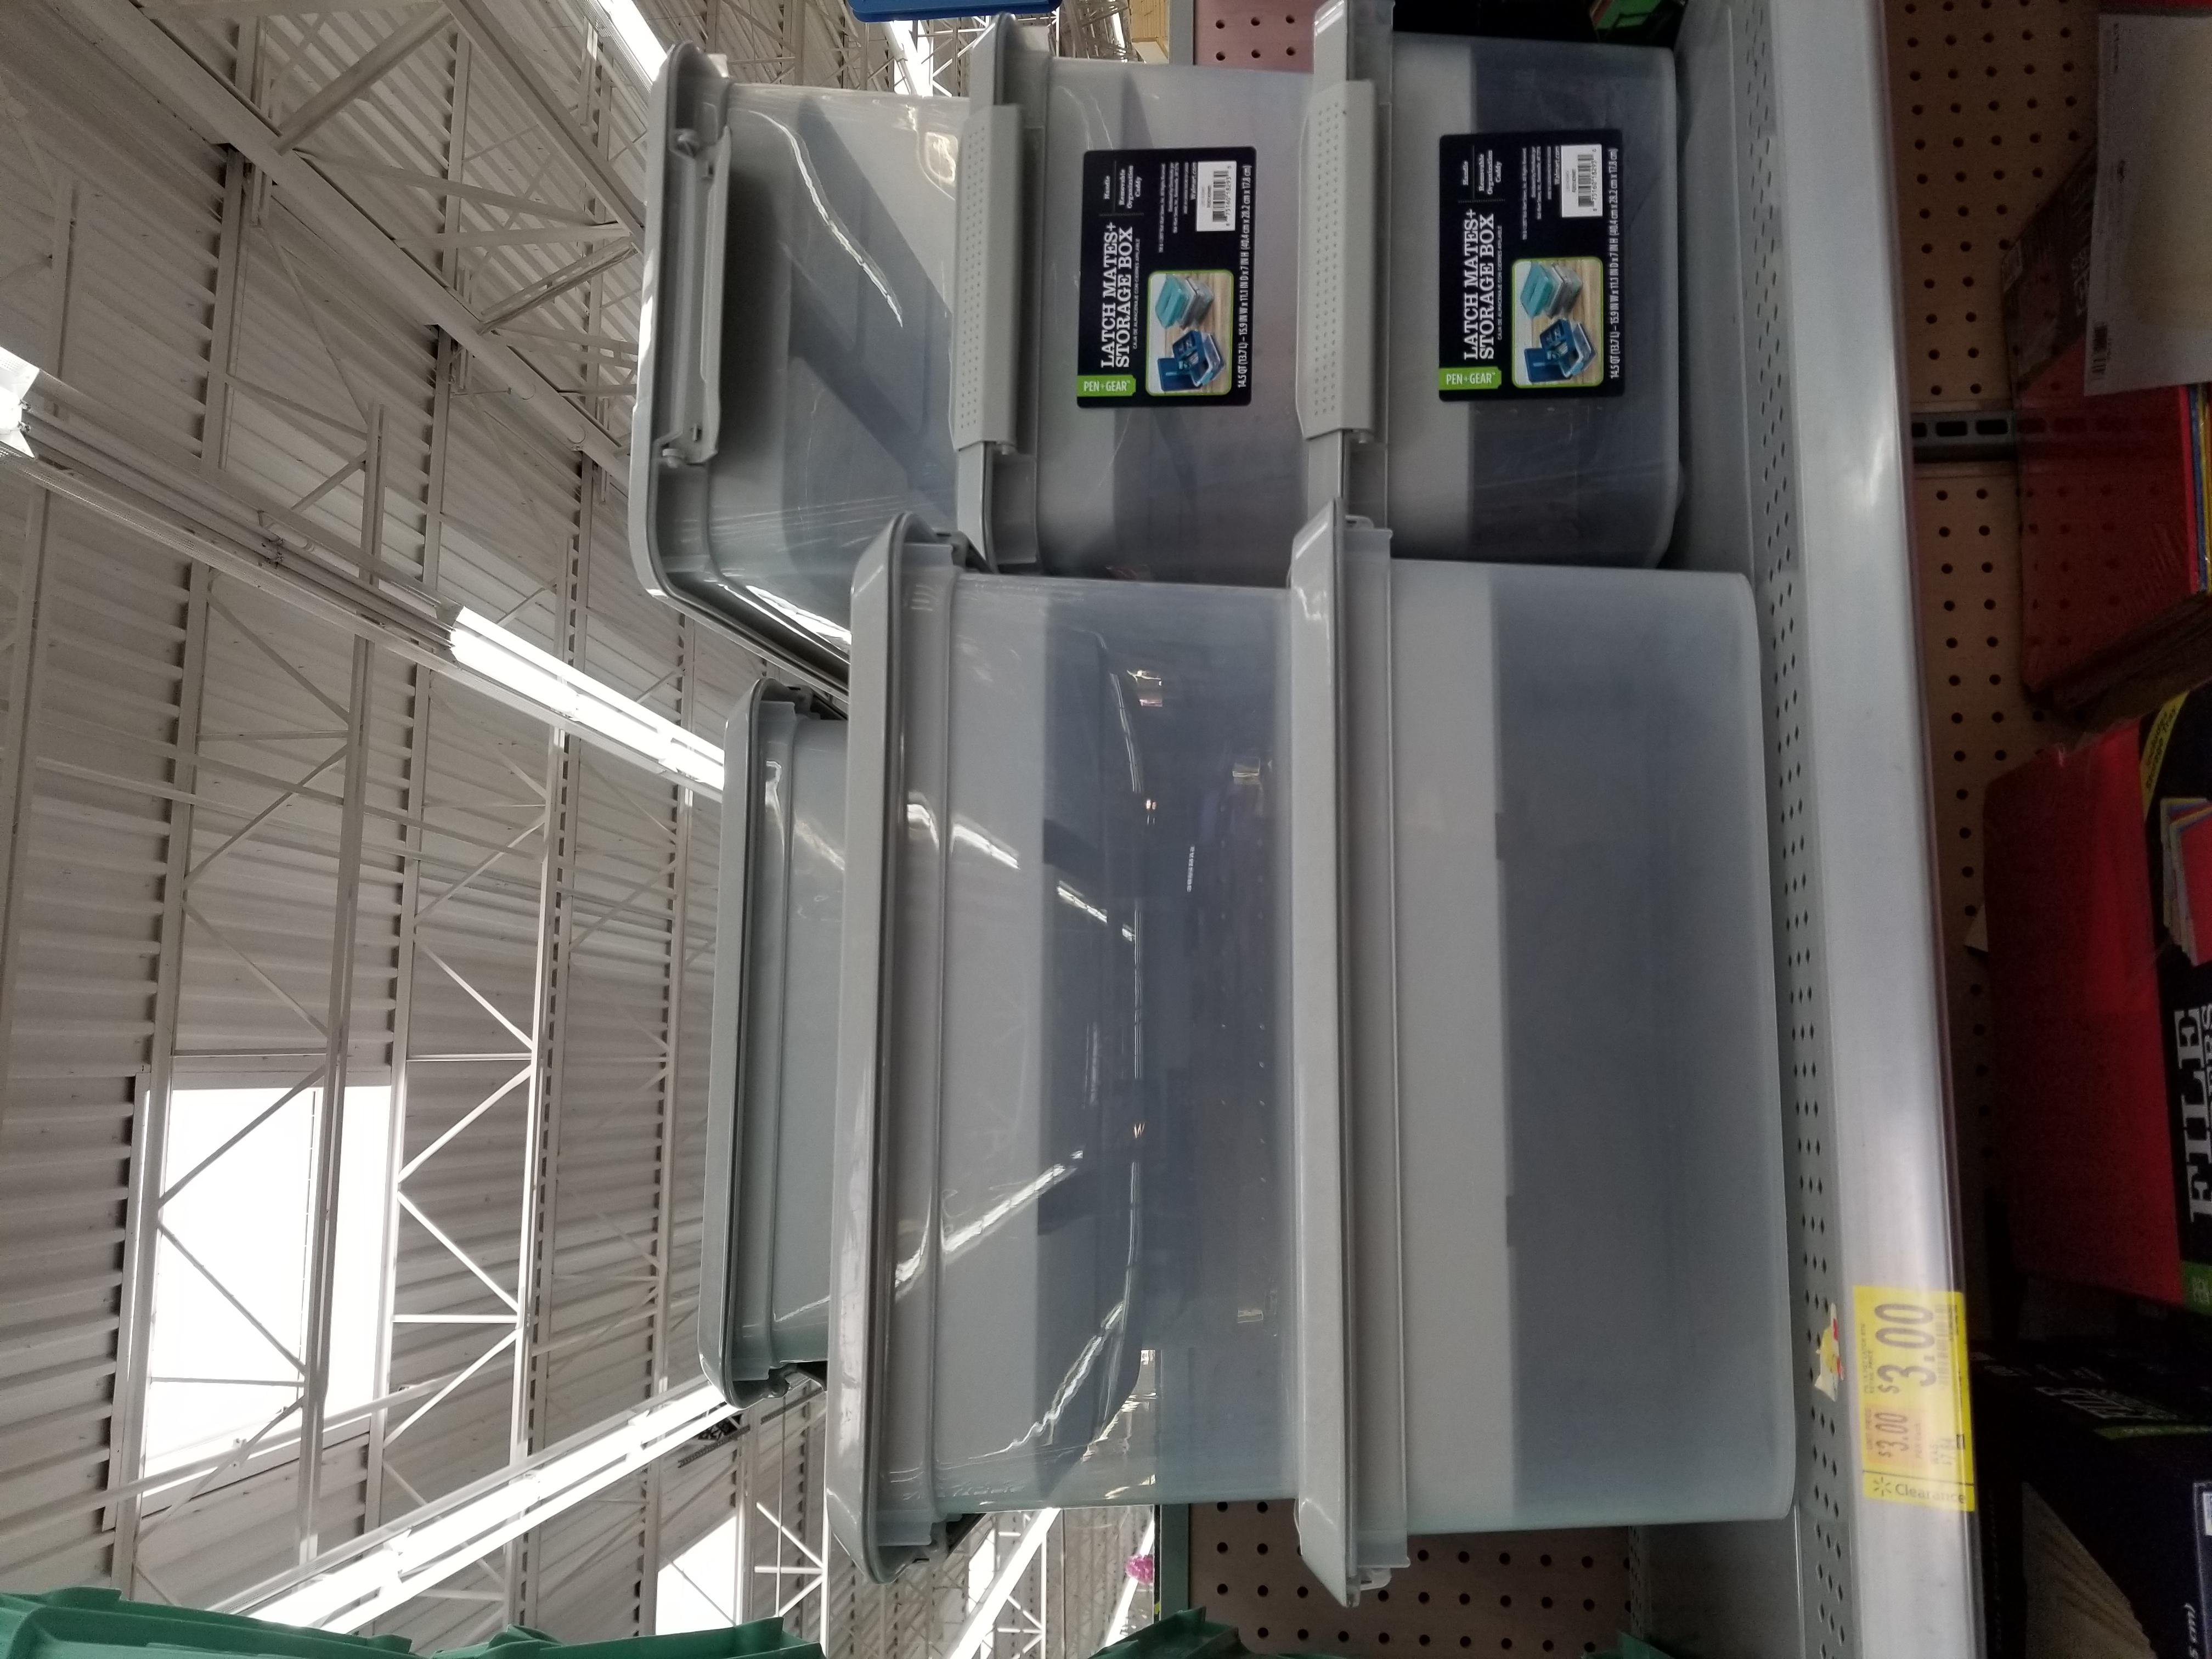 Latch Mates Storage box 14.5 QT @Walmart B&M- $3